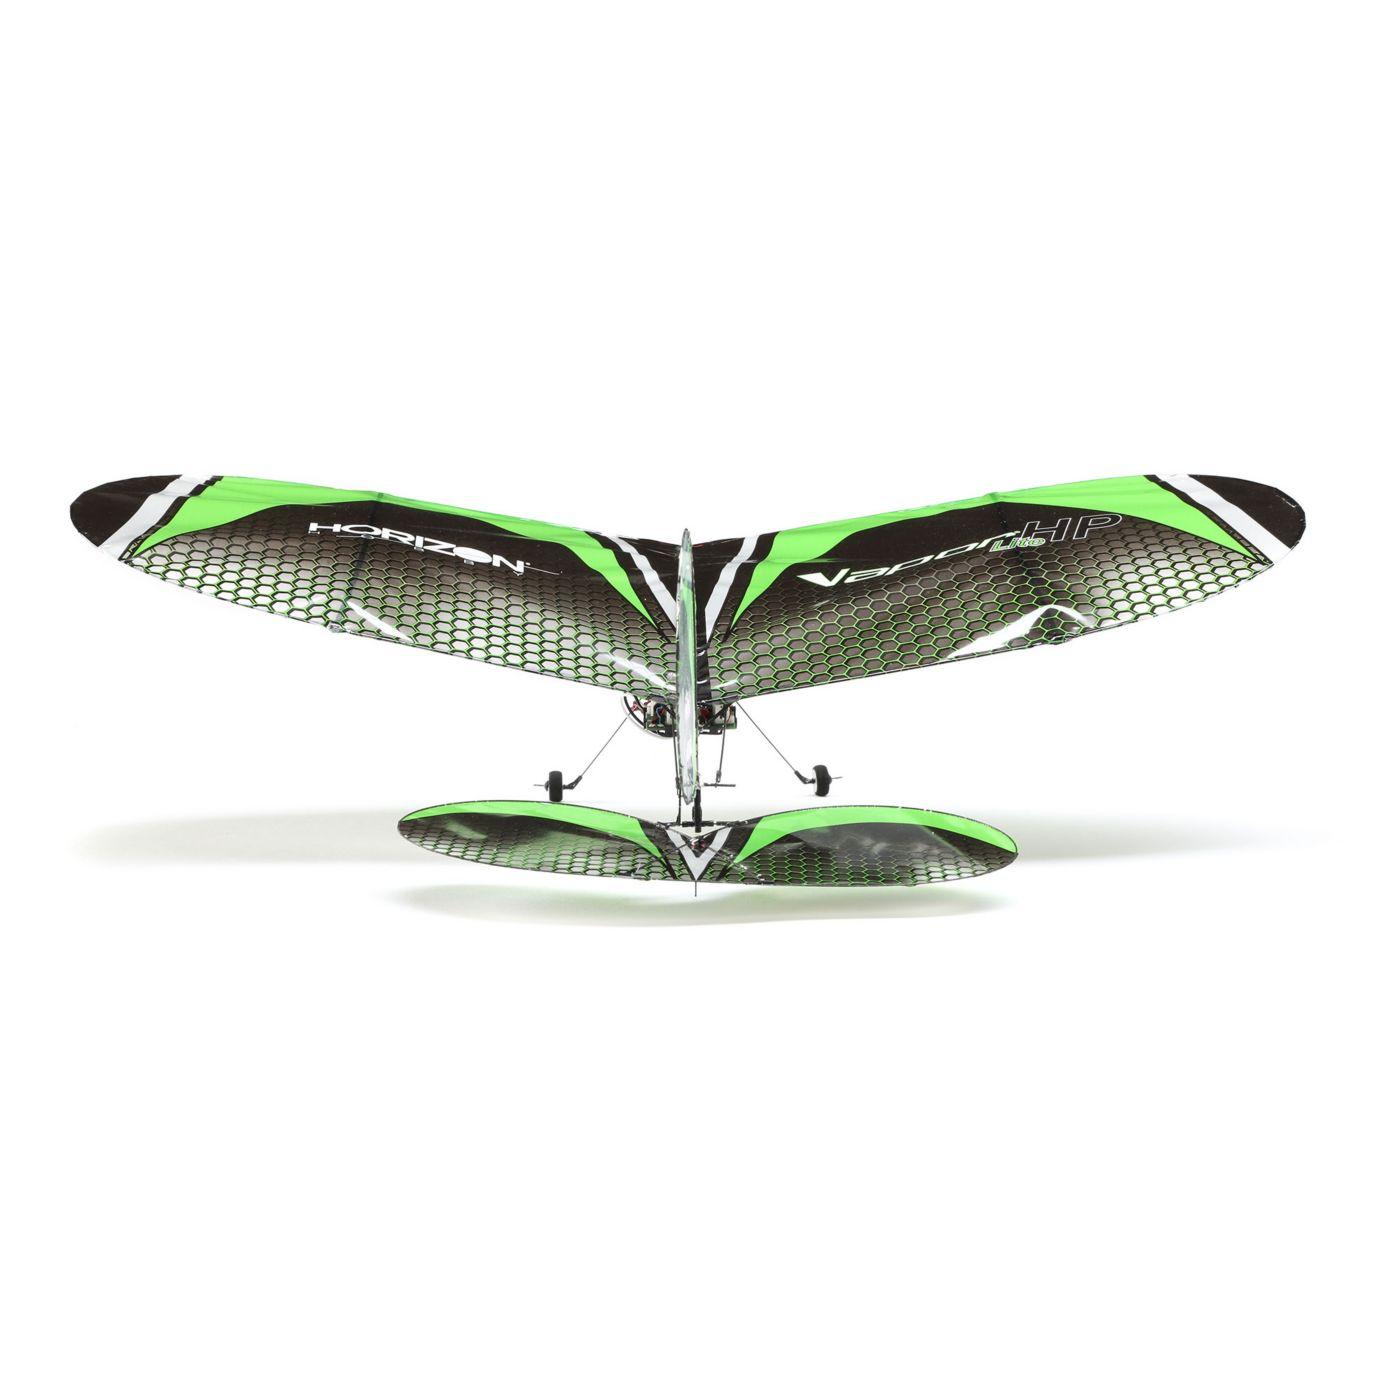 UMX Vapor Lite E-flite